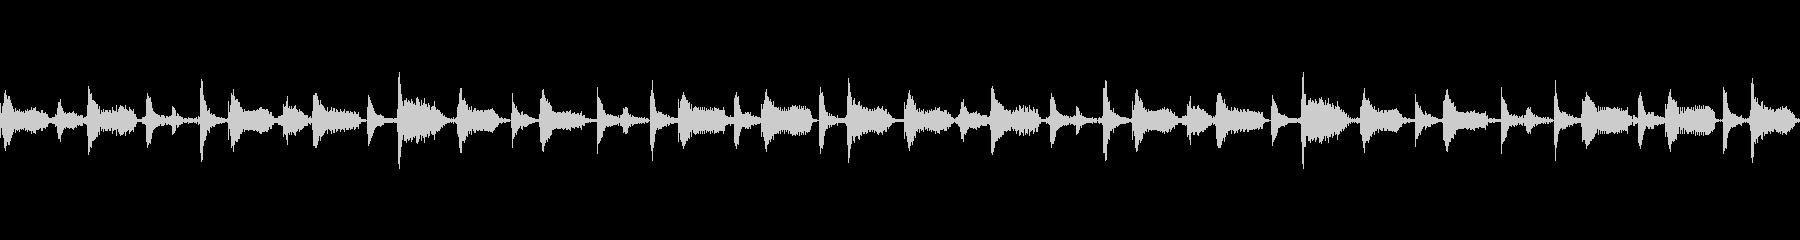 ノリの良いビートボックスの未再生の波形